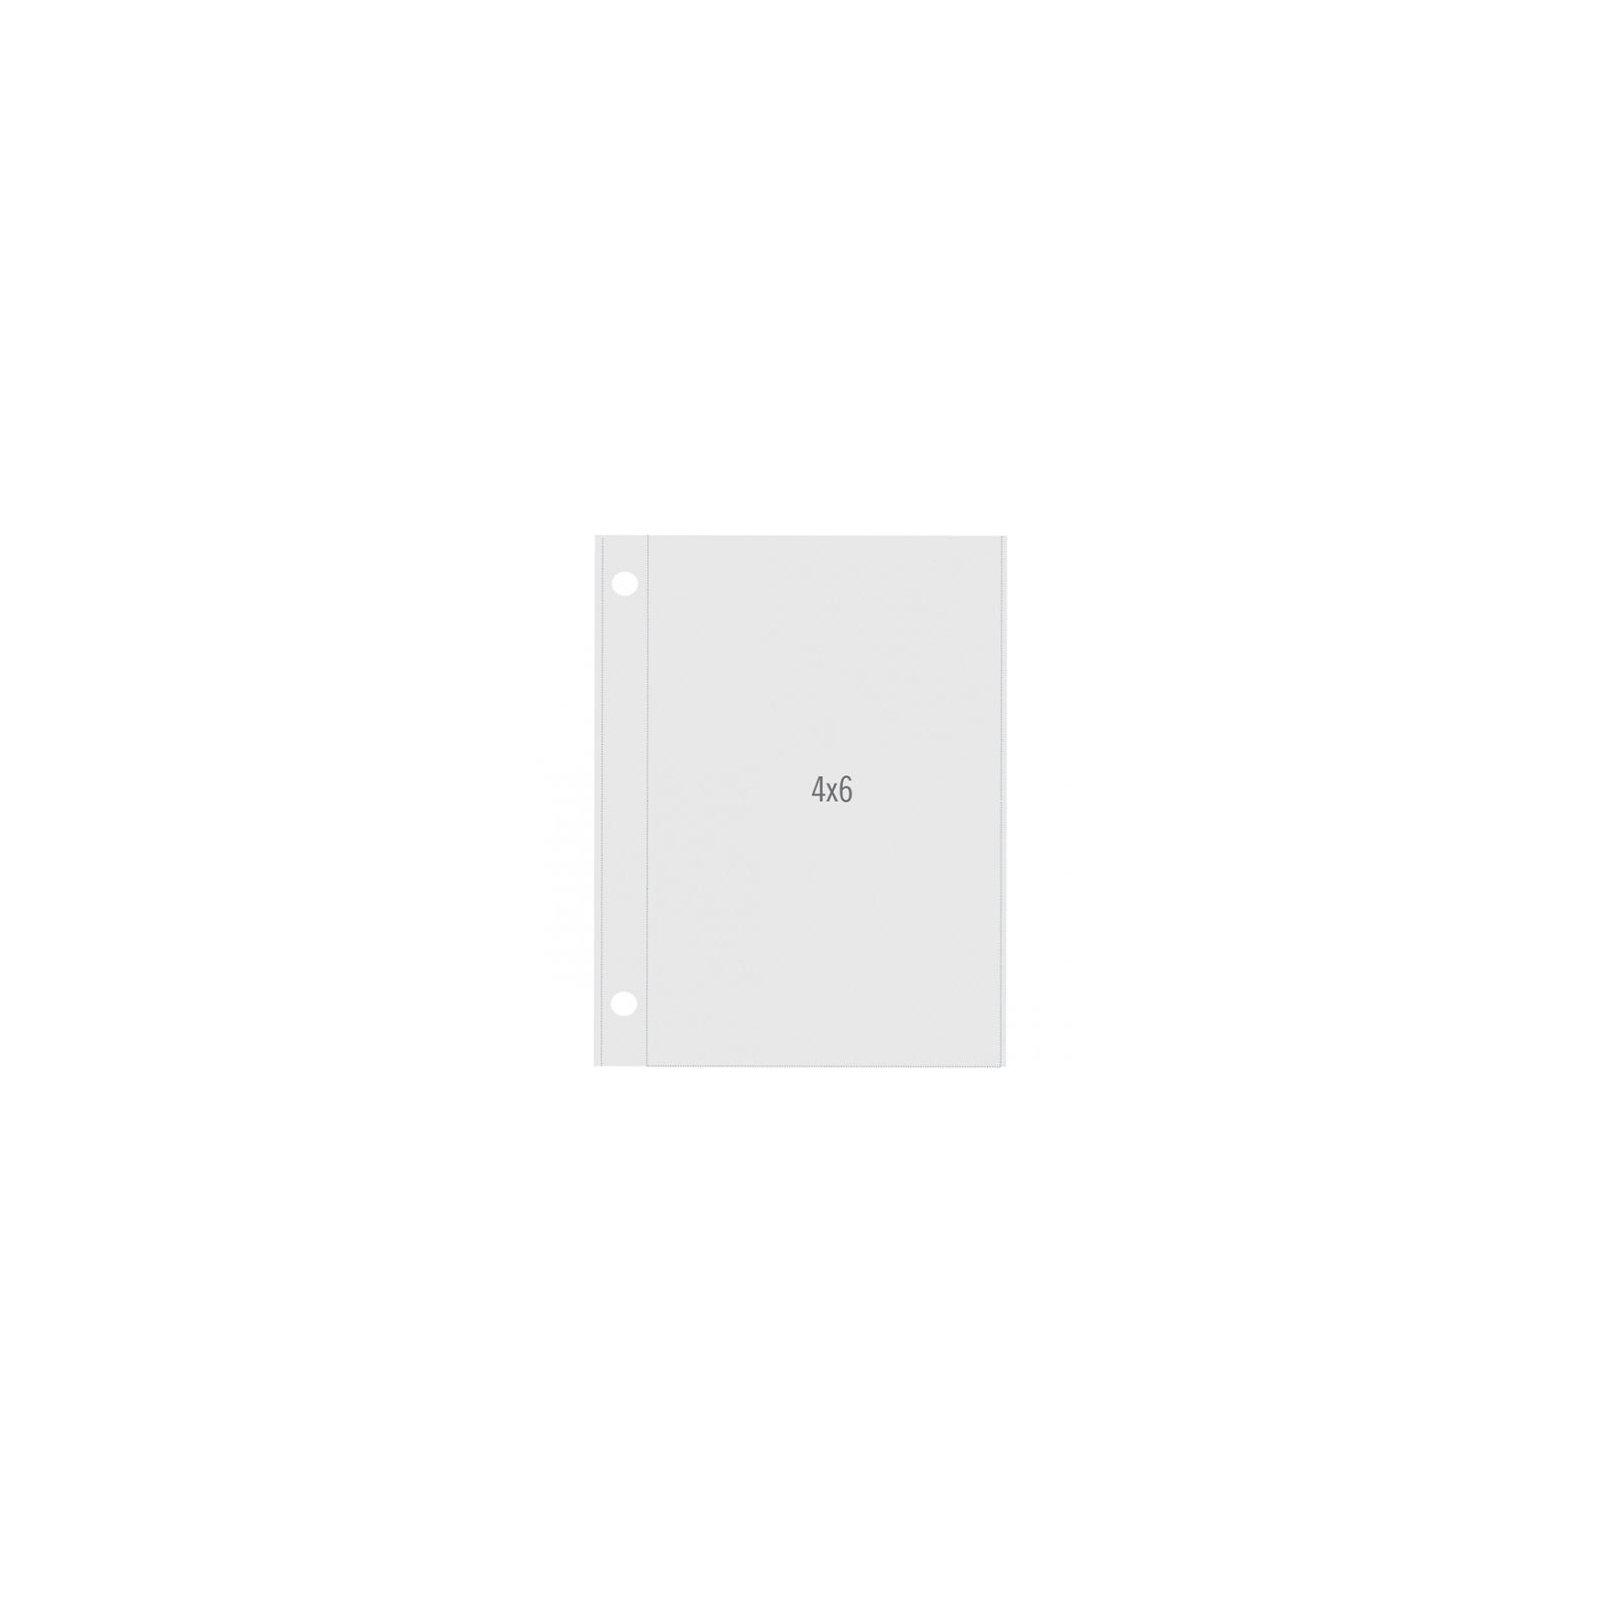 Pochettes Sn@P! Pocket pages 10x15 - Format portrait - Simple Stories